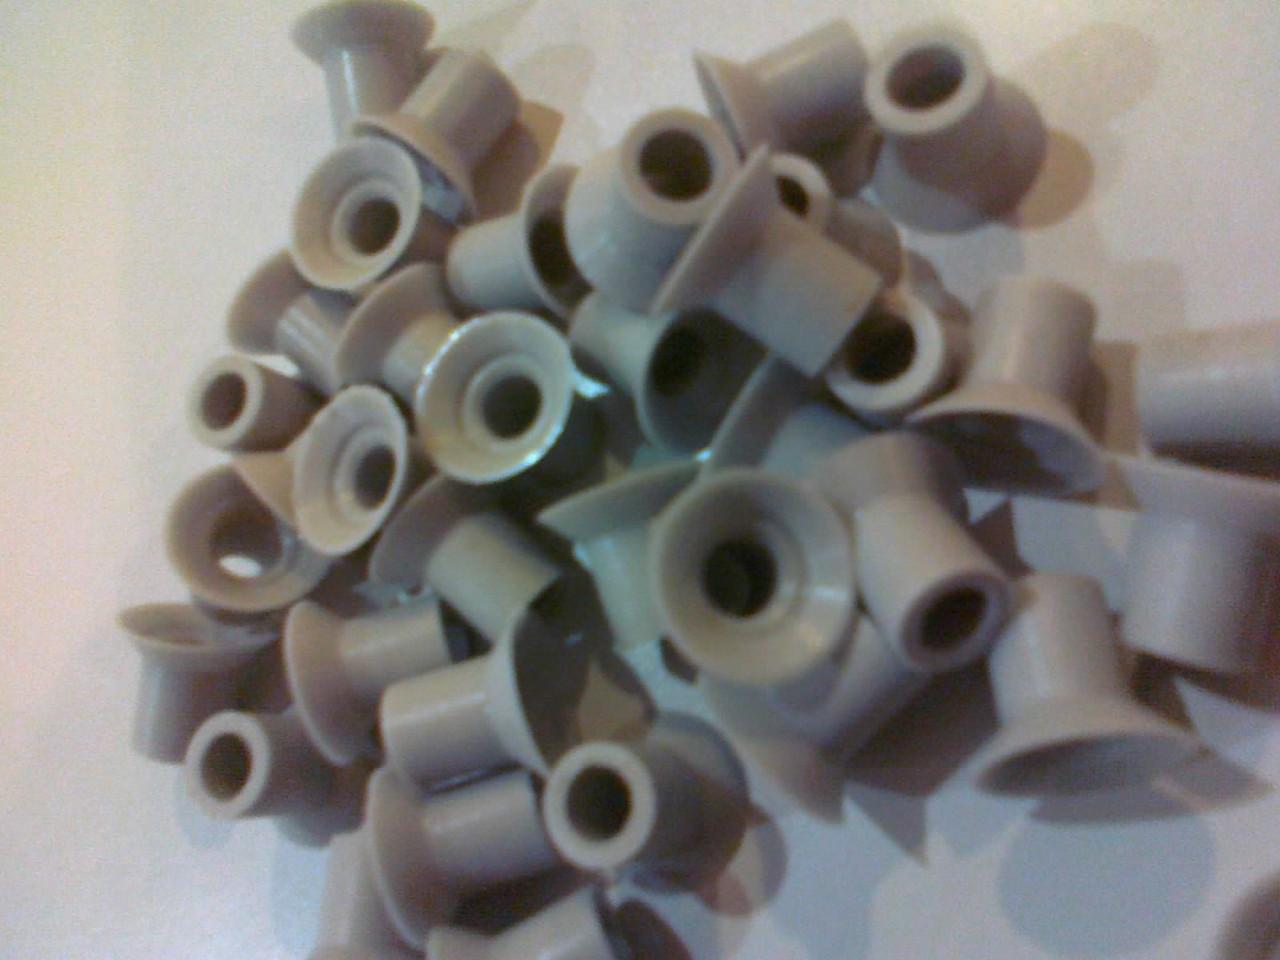 Захват вакуумный резиновый для упаковочного оборудования, изготовление.